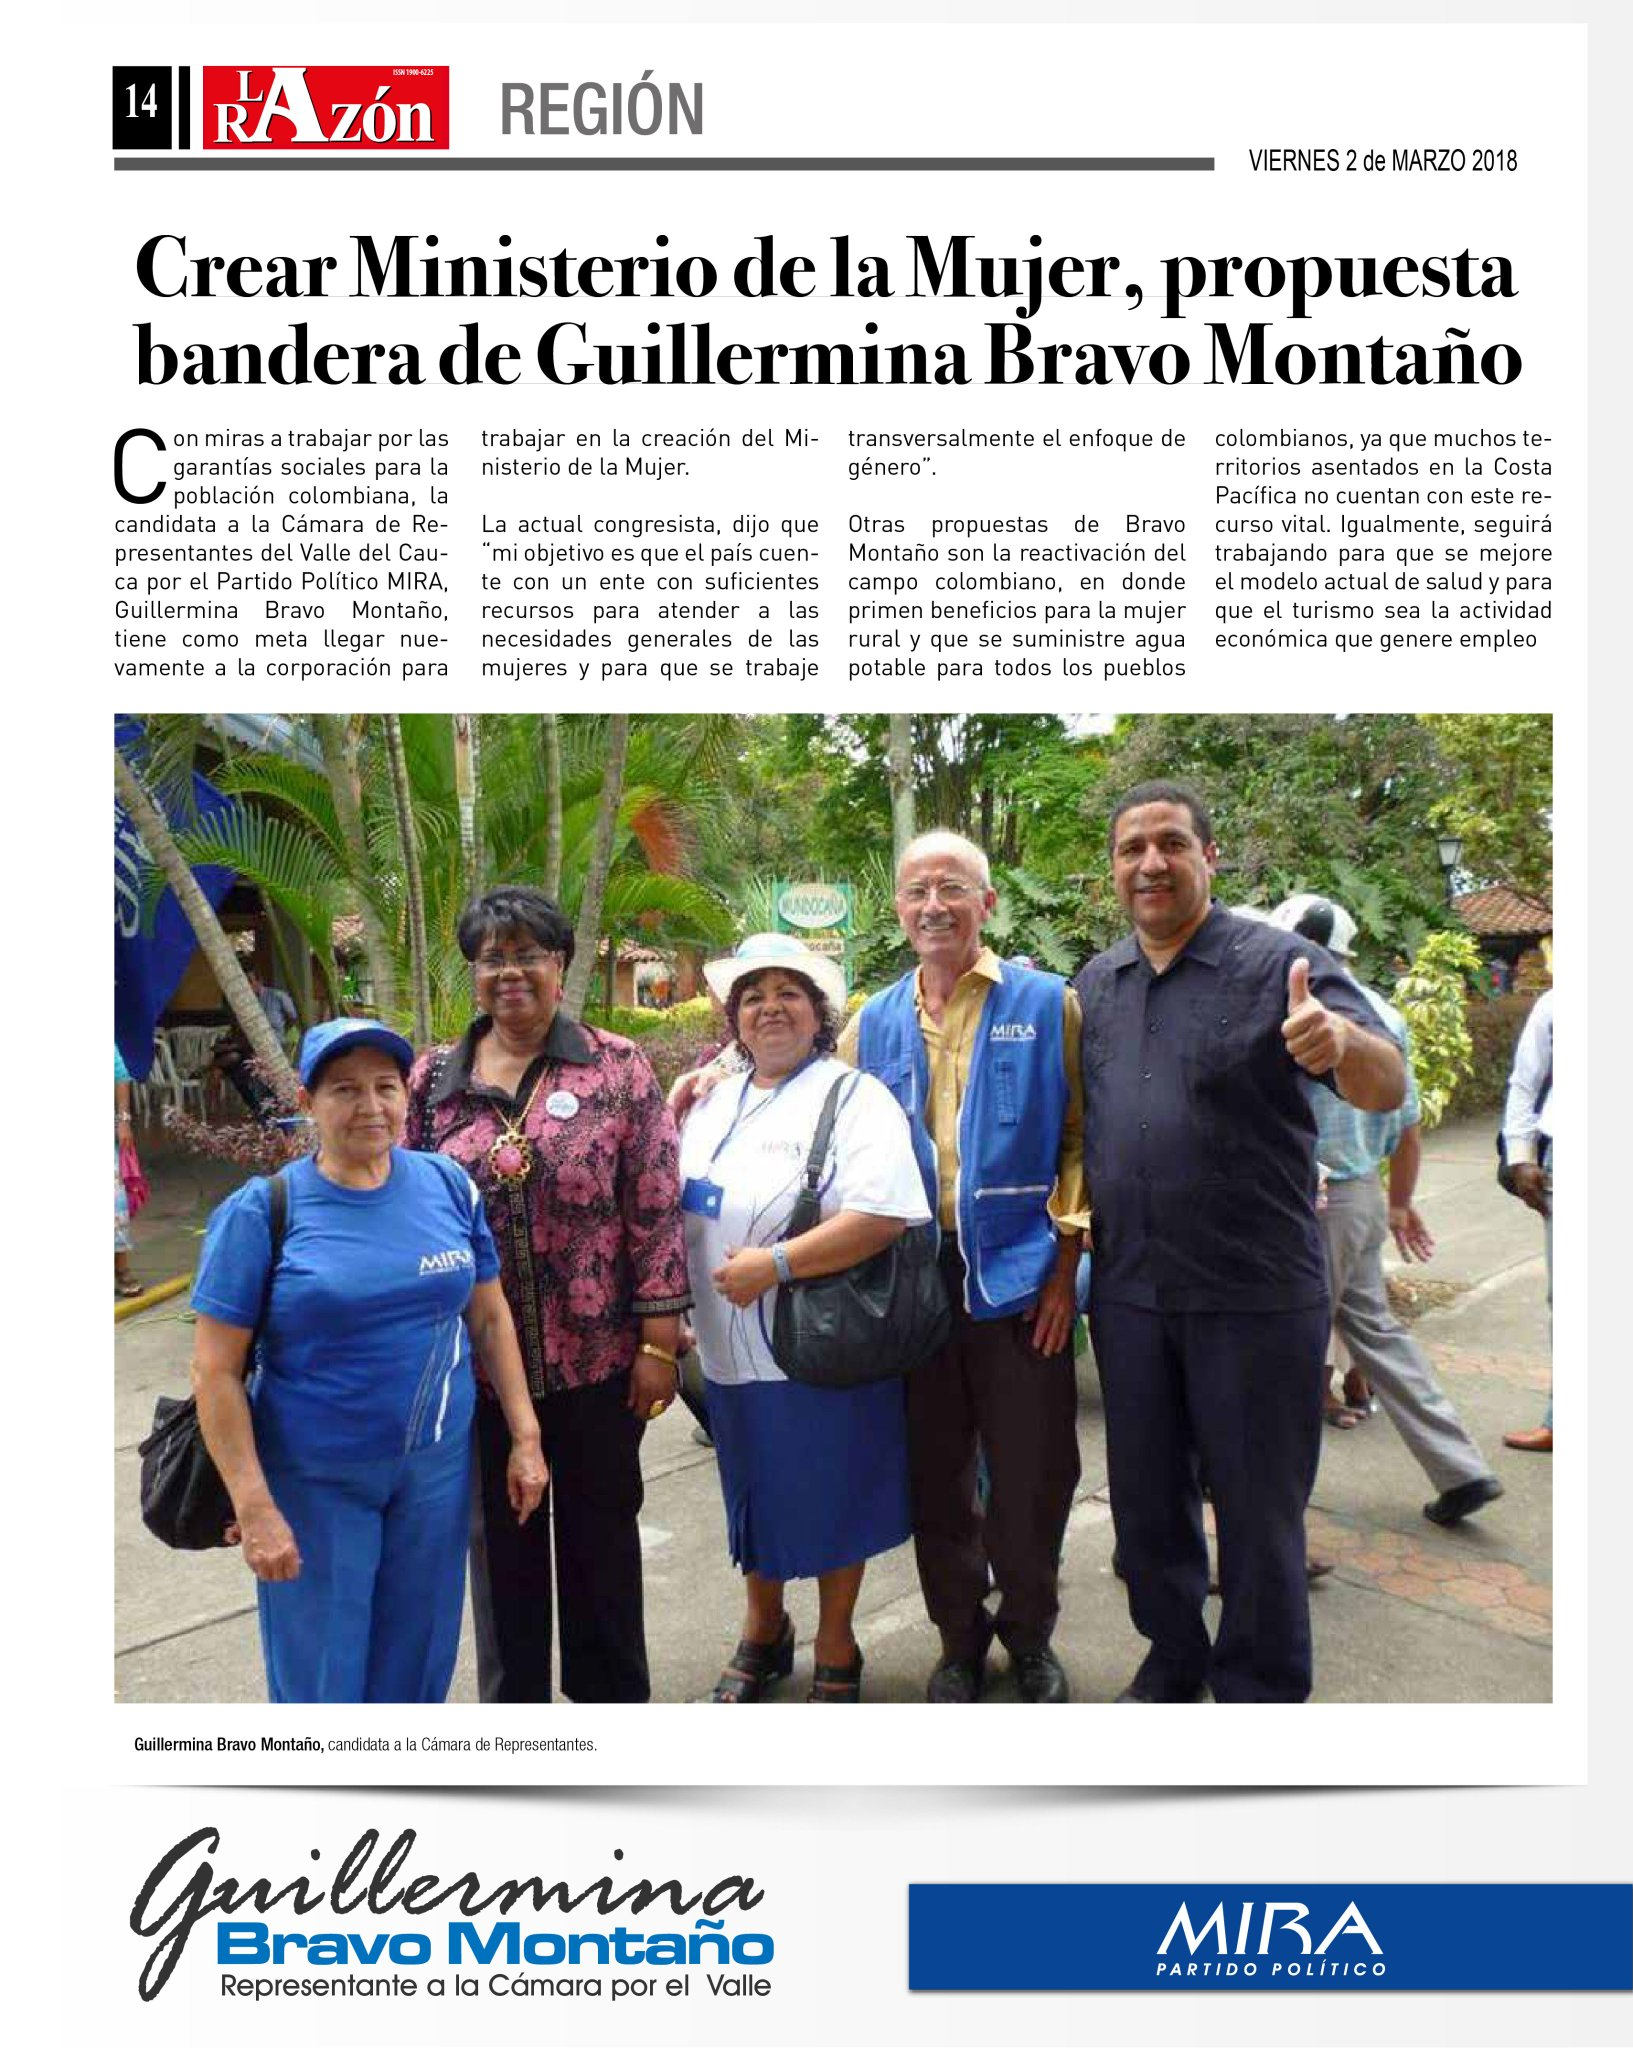 Es necesario la creación del Ministerio de la #Mujer. #BuenViernes https://t.co/85WF7Ia5td